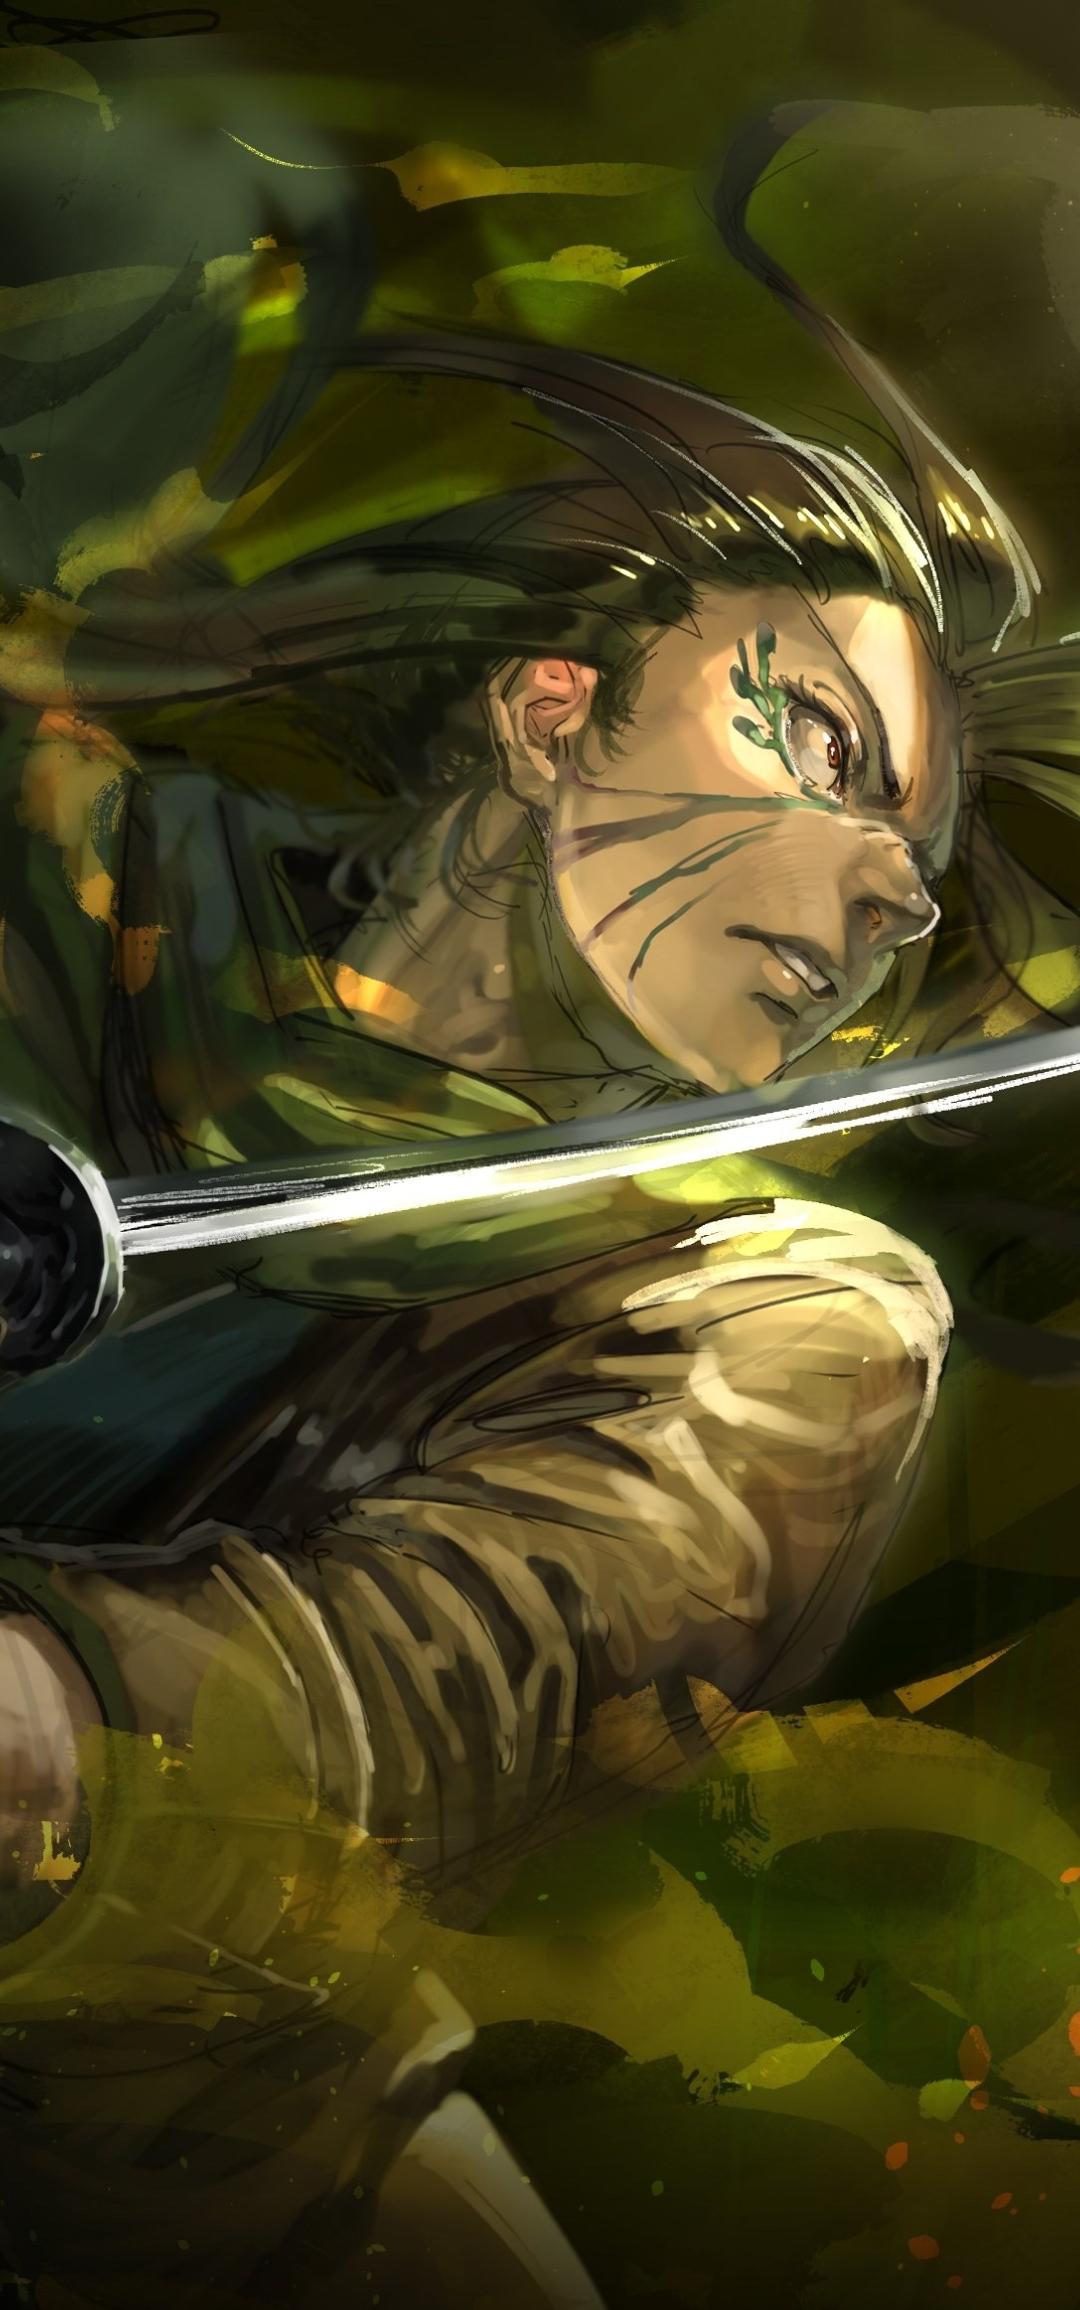 1080x2310 Itachi Uchiha 4K Digital Art 1080x2310 ...